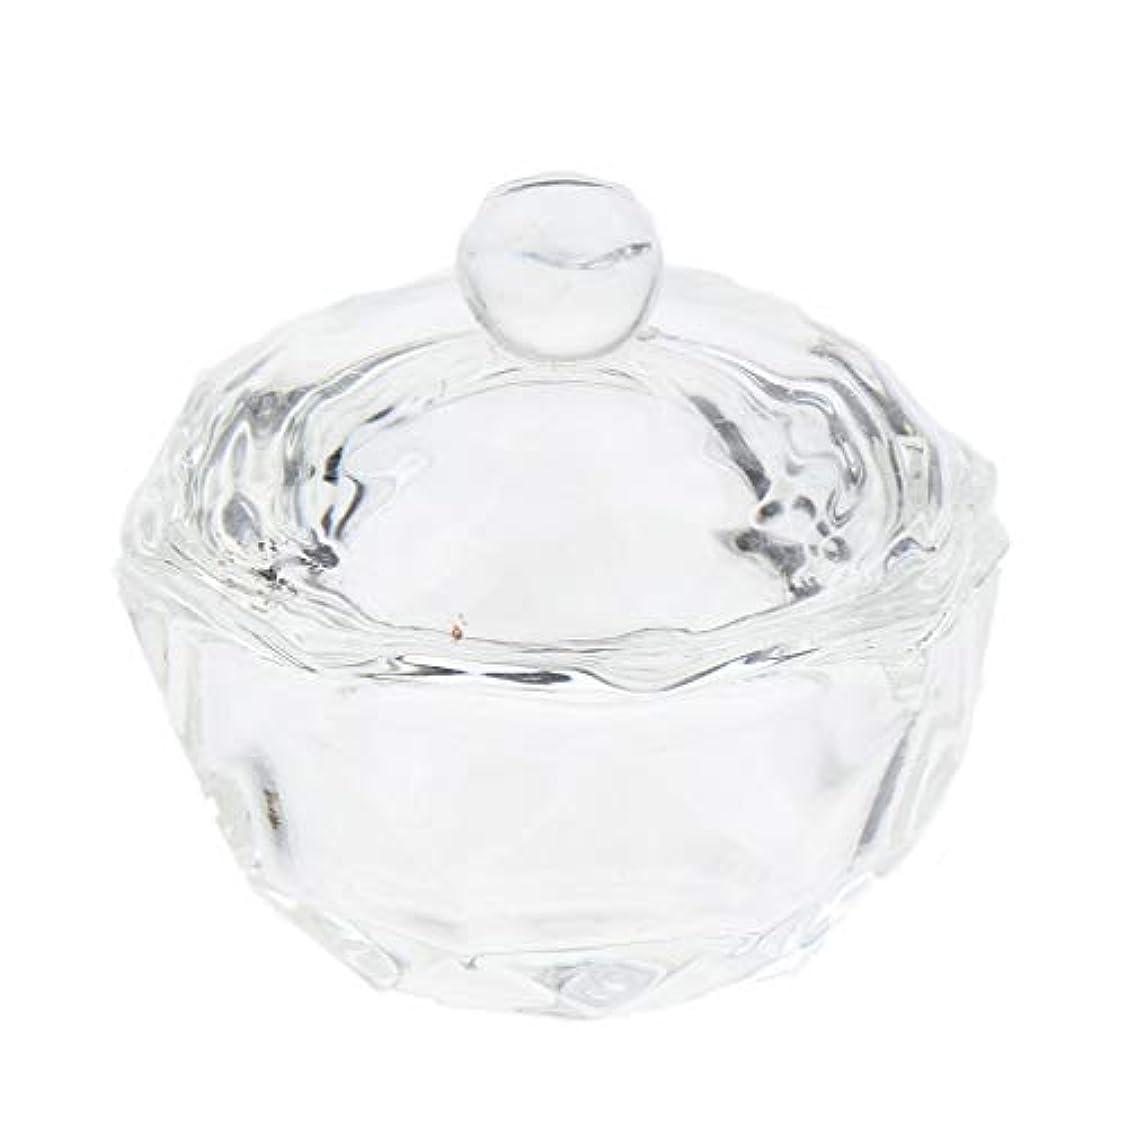 きれいに遮る里親T TOOYFUL ネイルアートクリスタルカップ 透明ガラス グラスカップ ネイルアートミキシングカップ ネイルアートツール